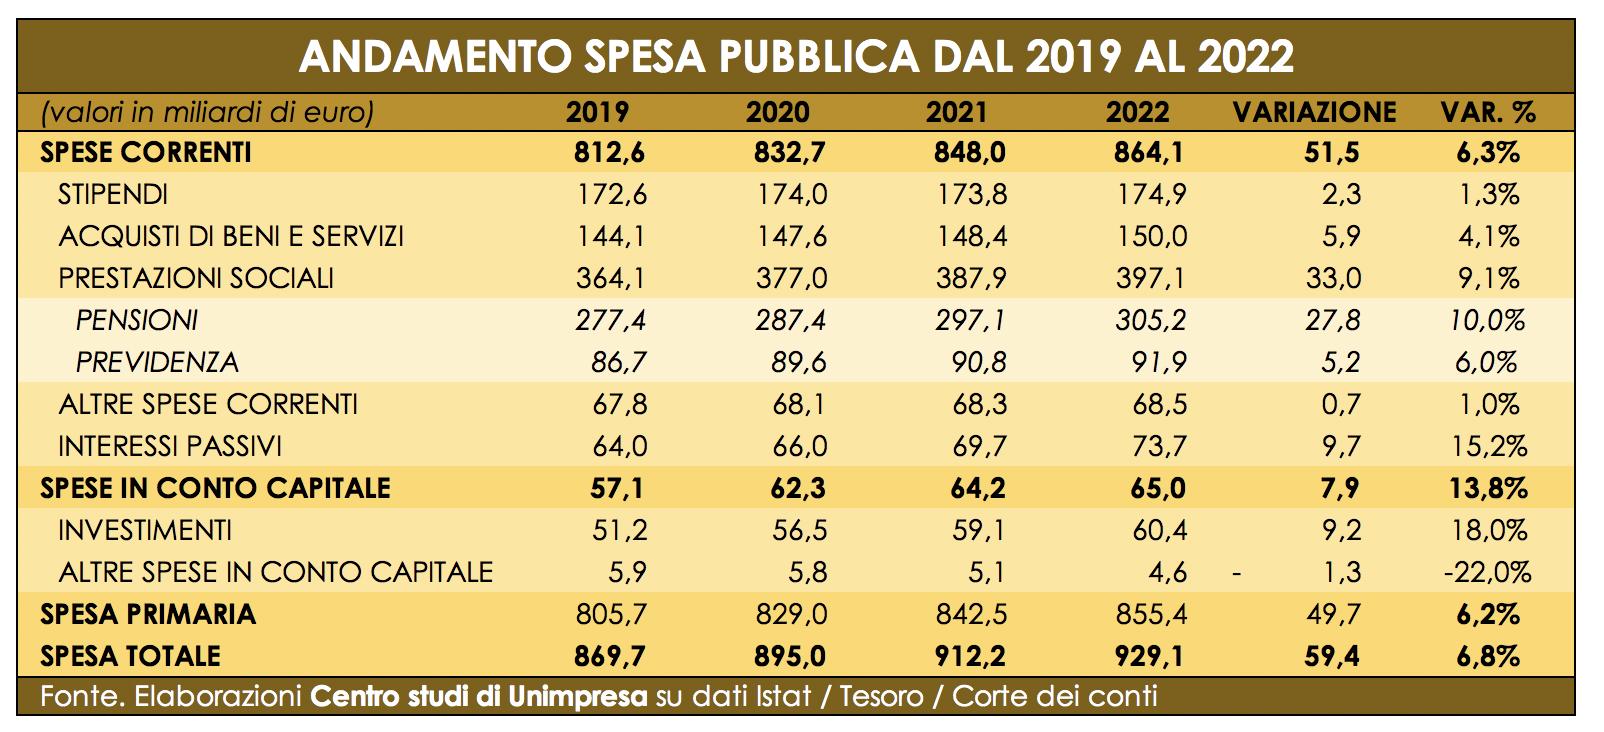 Andamento della spesa pubblica in Italia dal 2019 al 2022